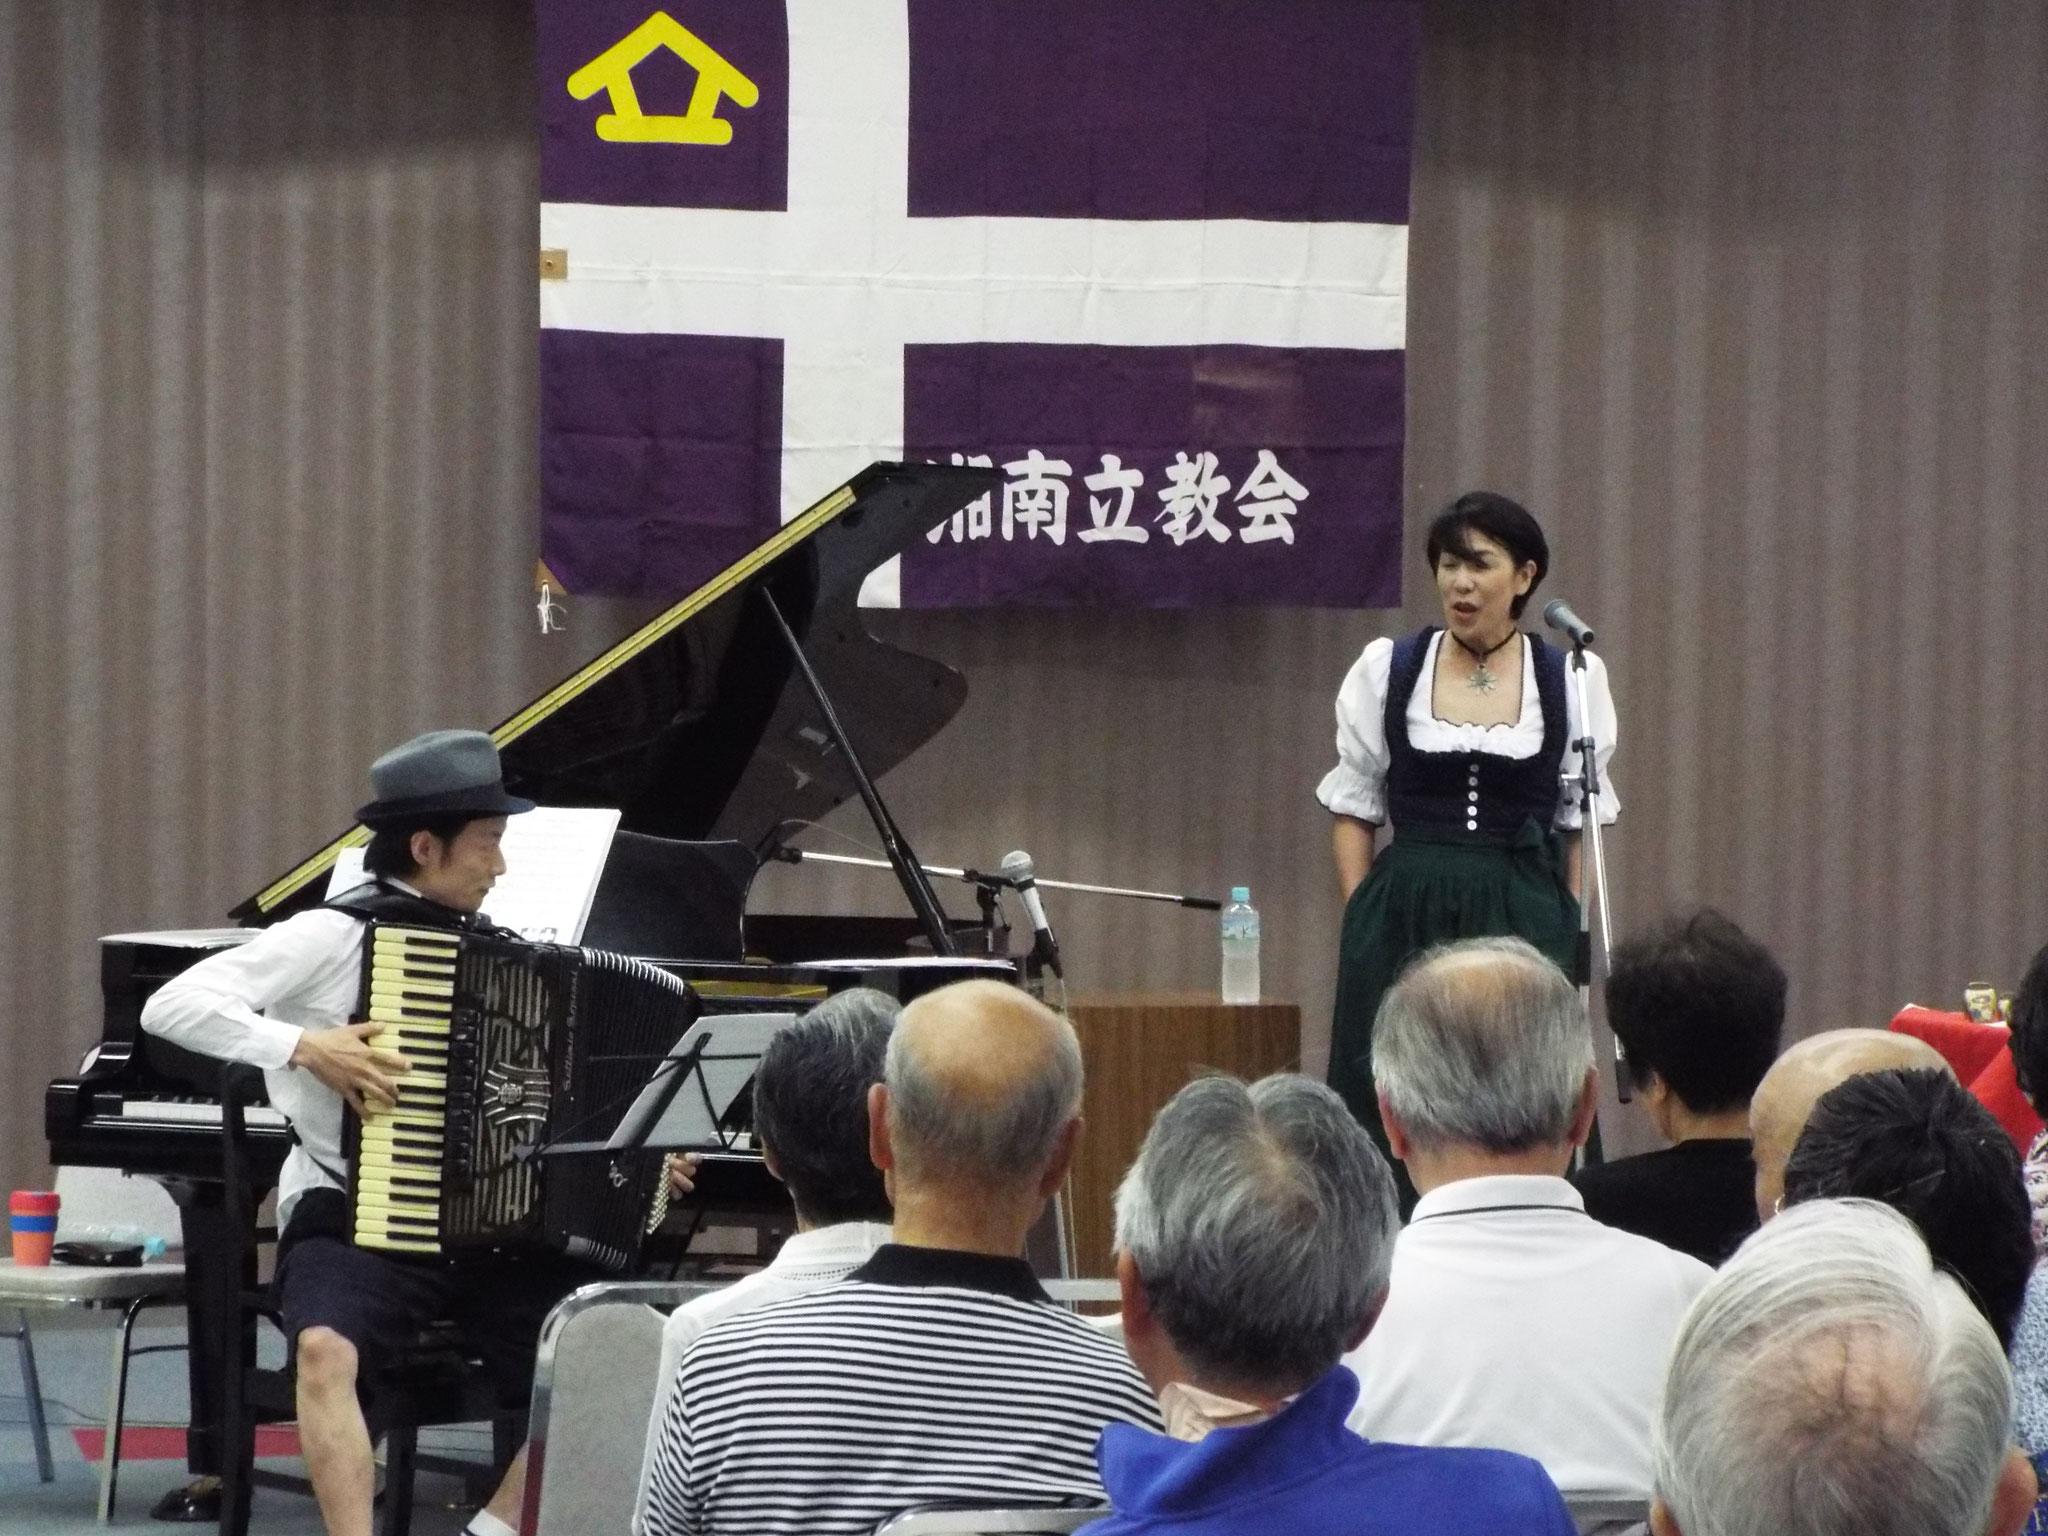 曲が終わると伊藤さんの楽しいお話が始まる